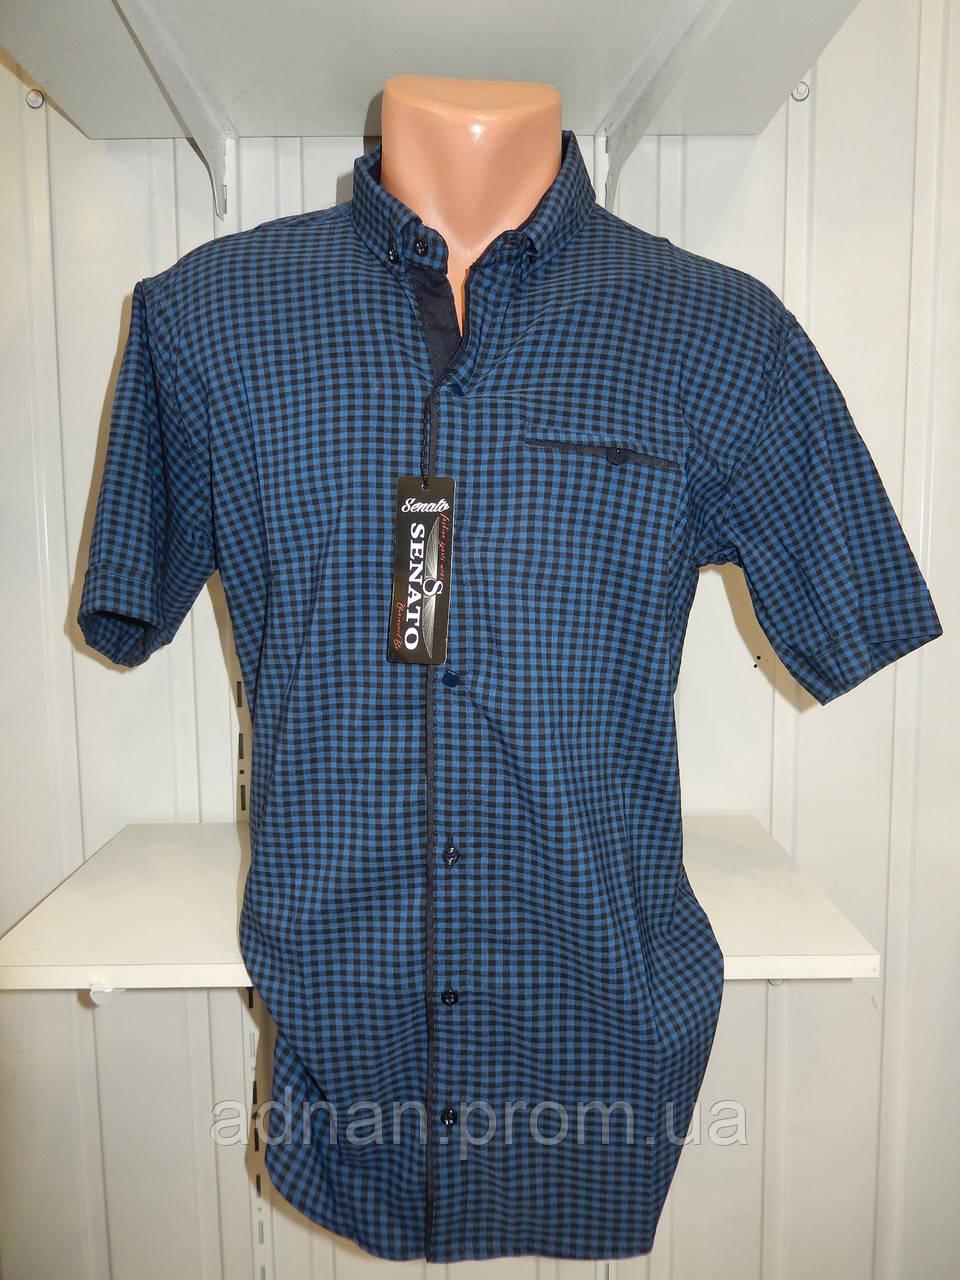 Рубашка мужская  CROM стрейч котон, полу-батал мелкая клетка 011 \ купить рубашку оптом.